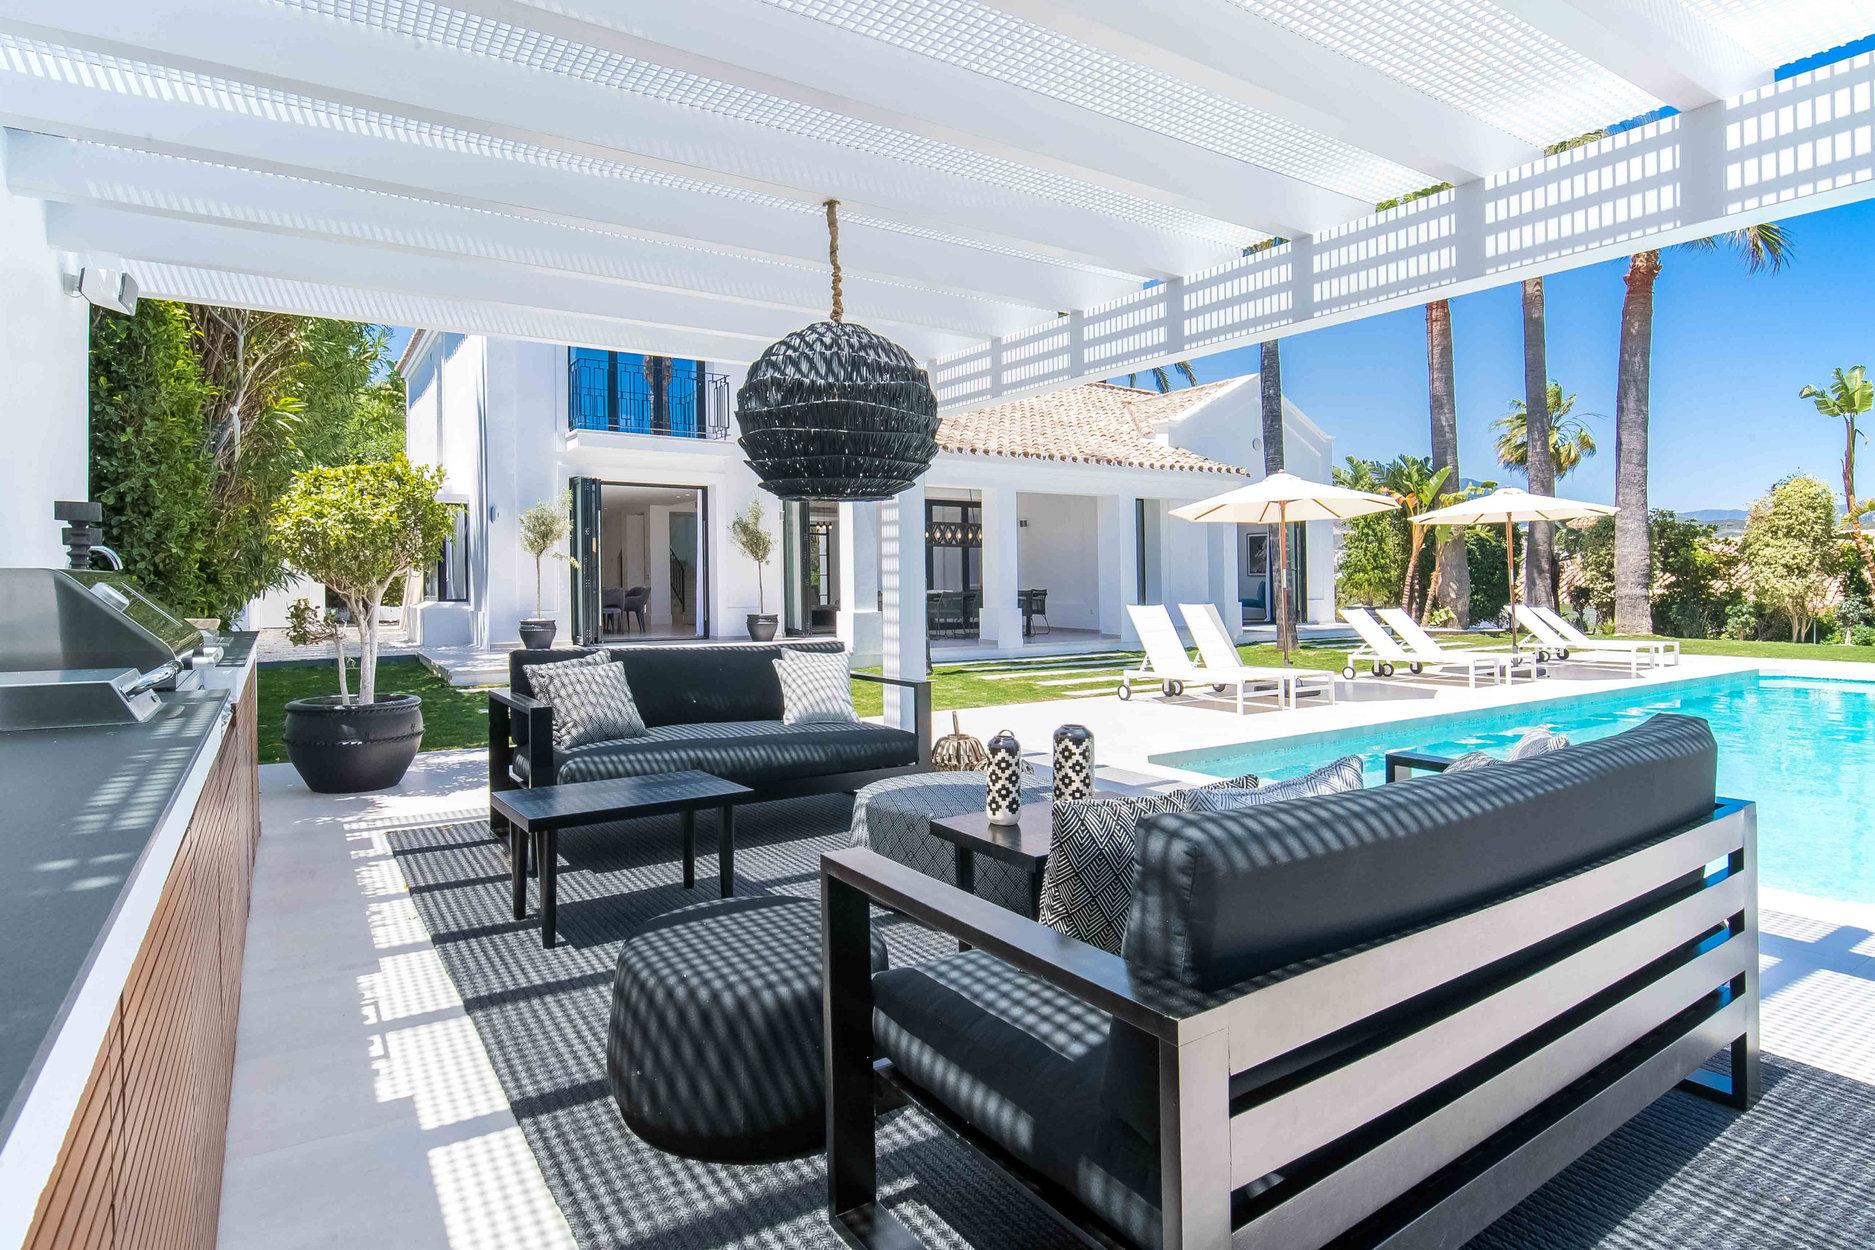 Villa For Sale in Nueva Andalucia, Marbella